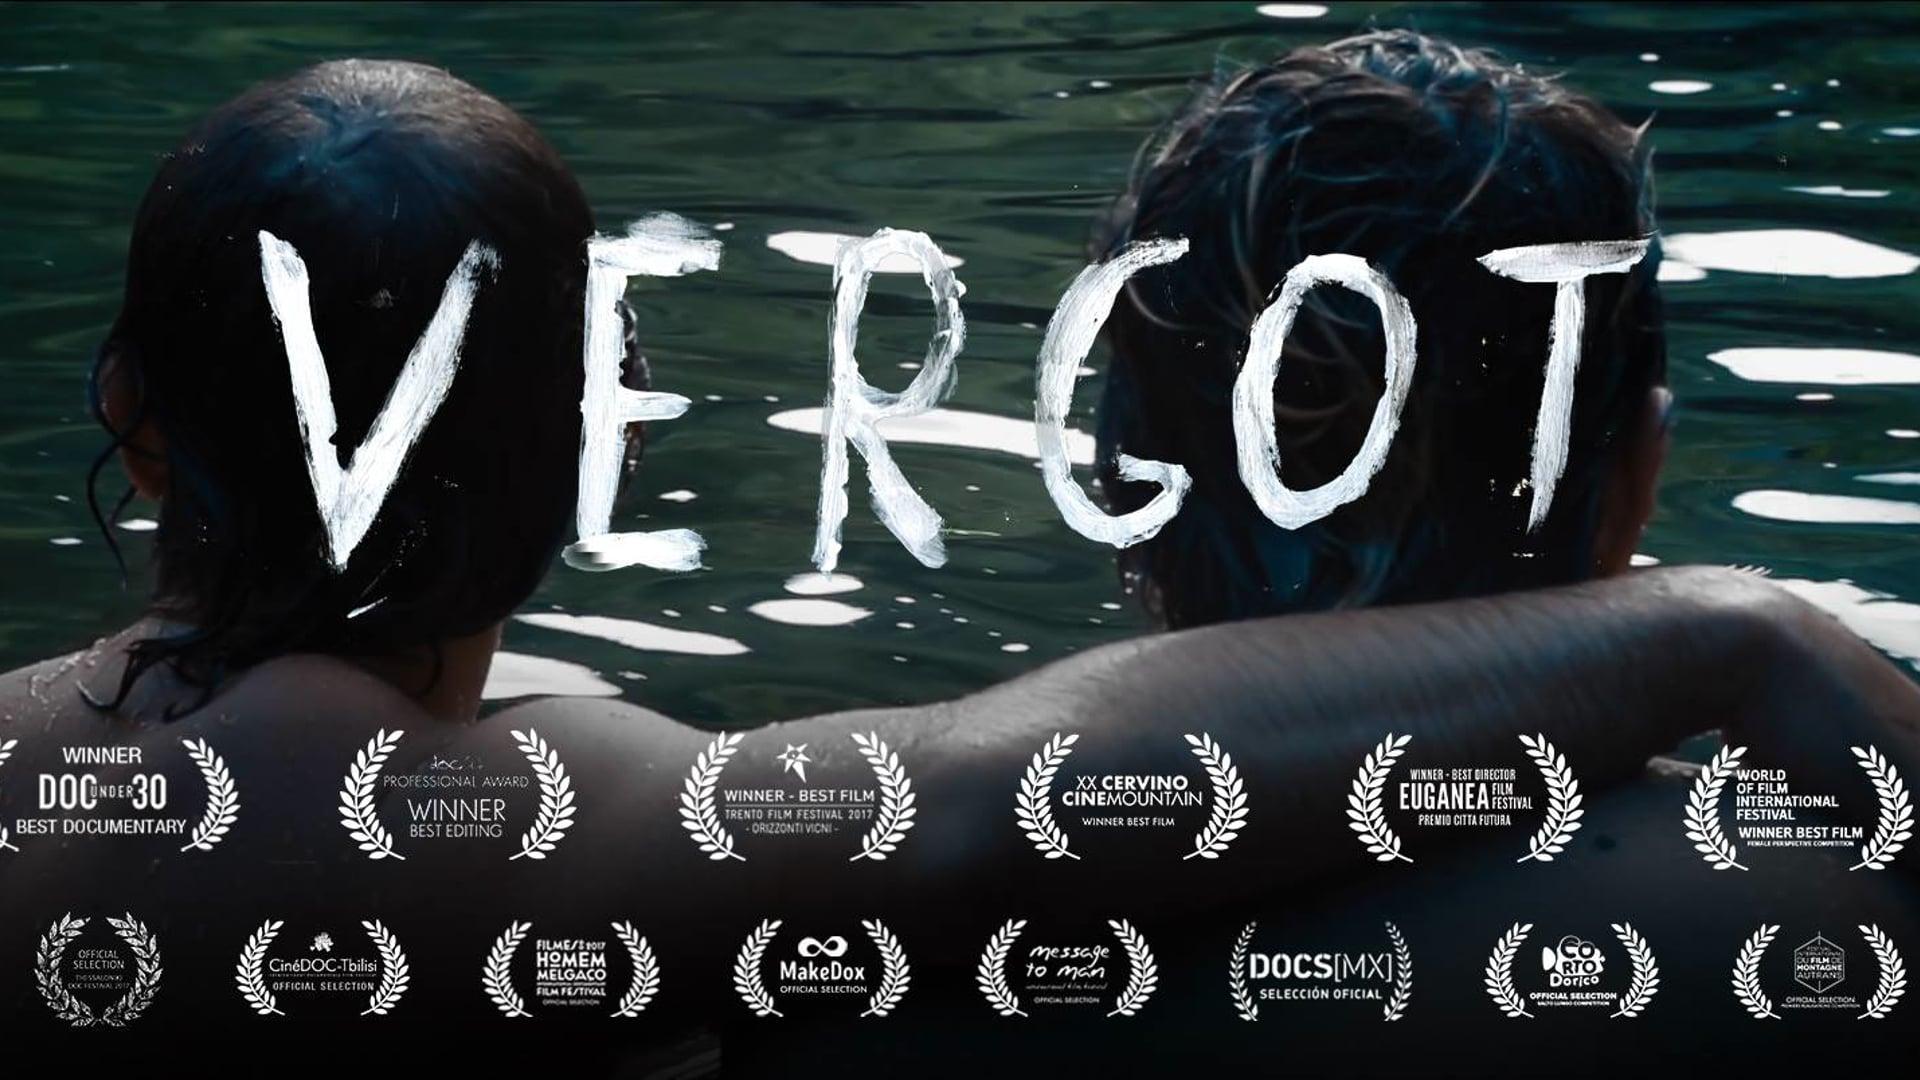 VERGOT (Documentary - 2016) Trailer